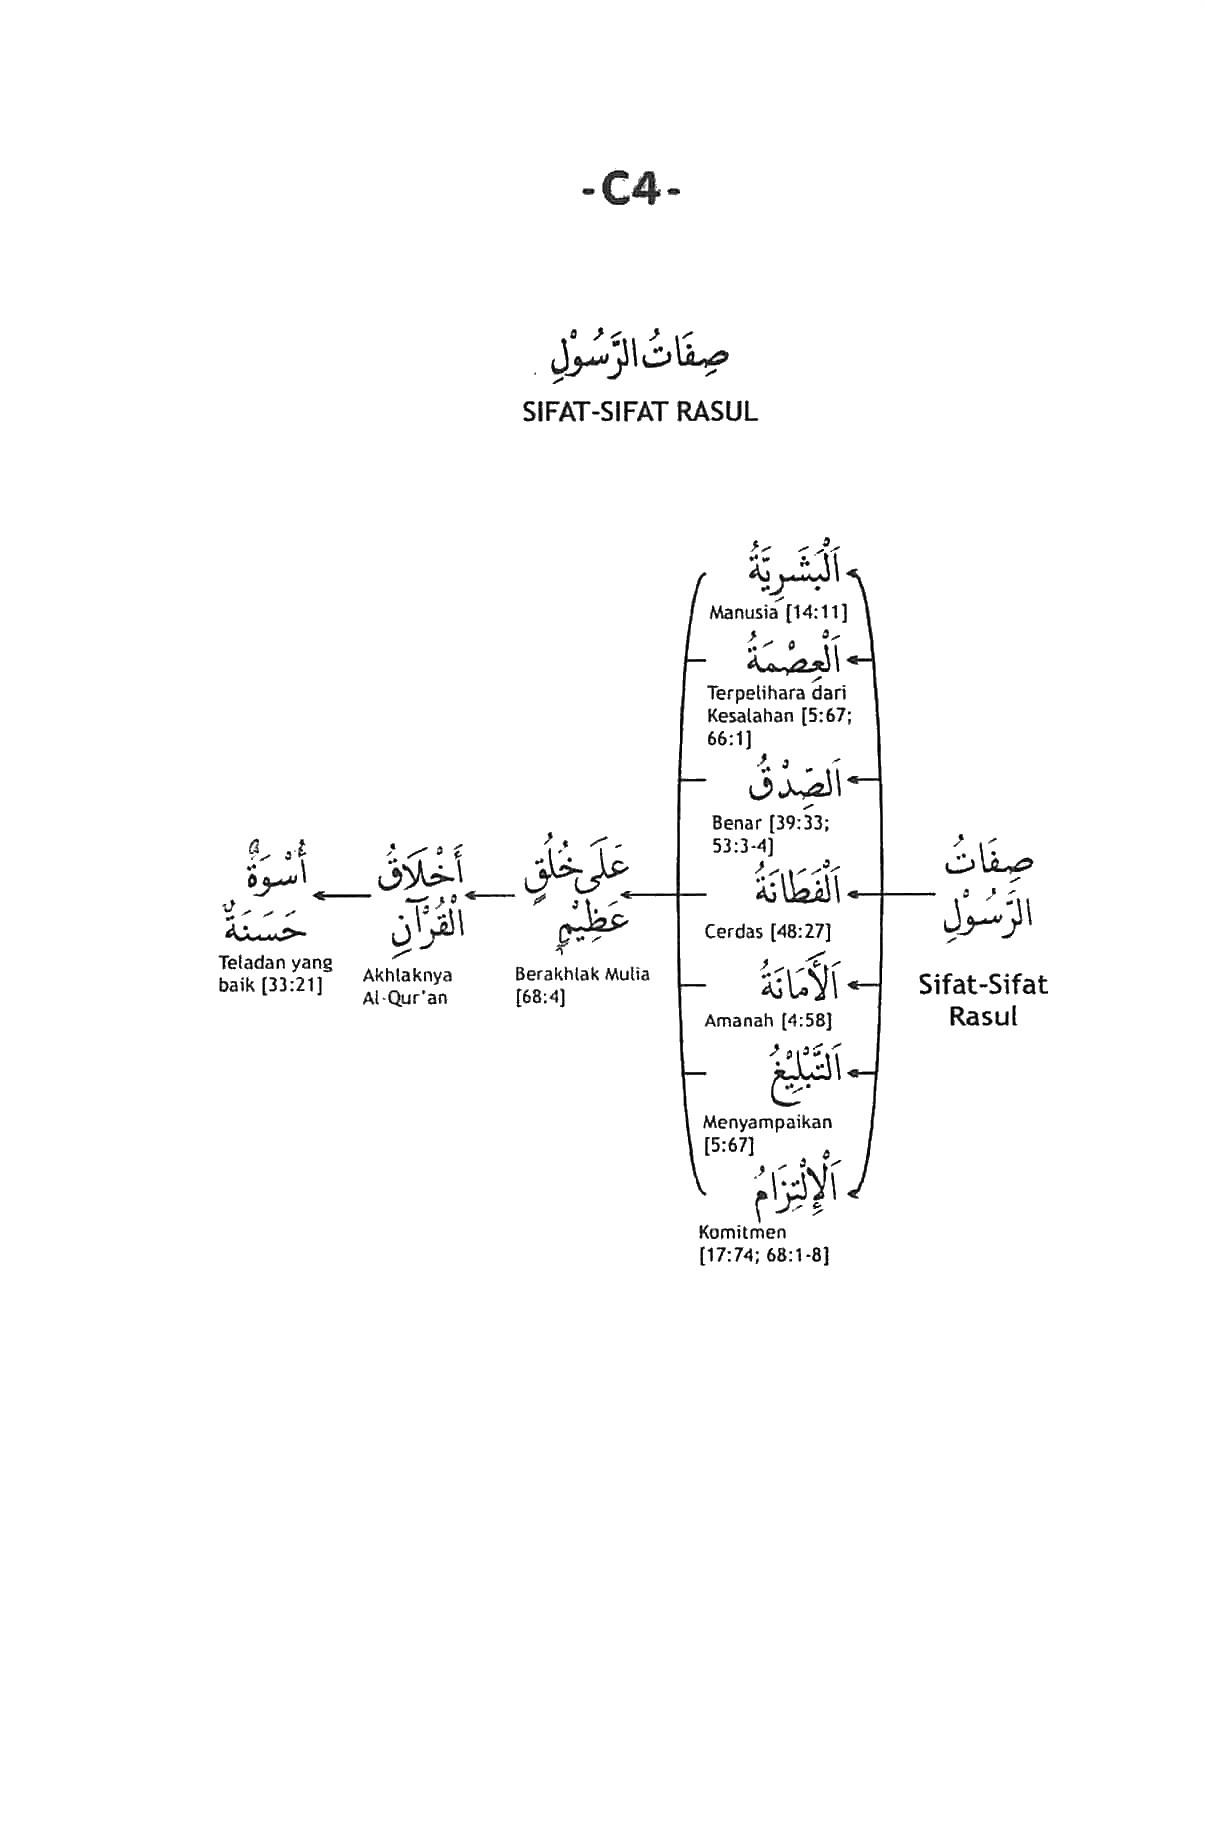 4 Sifat Wajib Rasul : sifat, wajib, rasul, Sifat-sifat, Rasul, Rasmul, Bayan, Tarbiyah